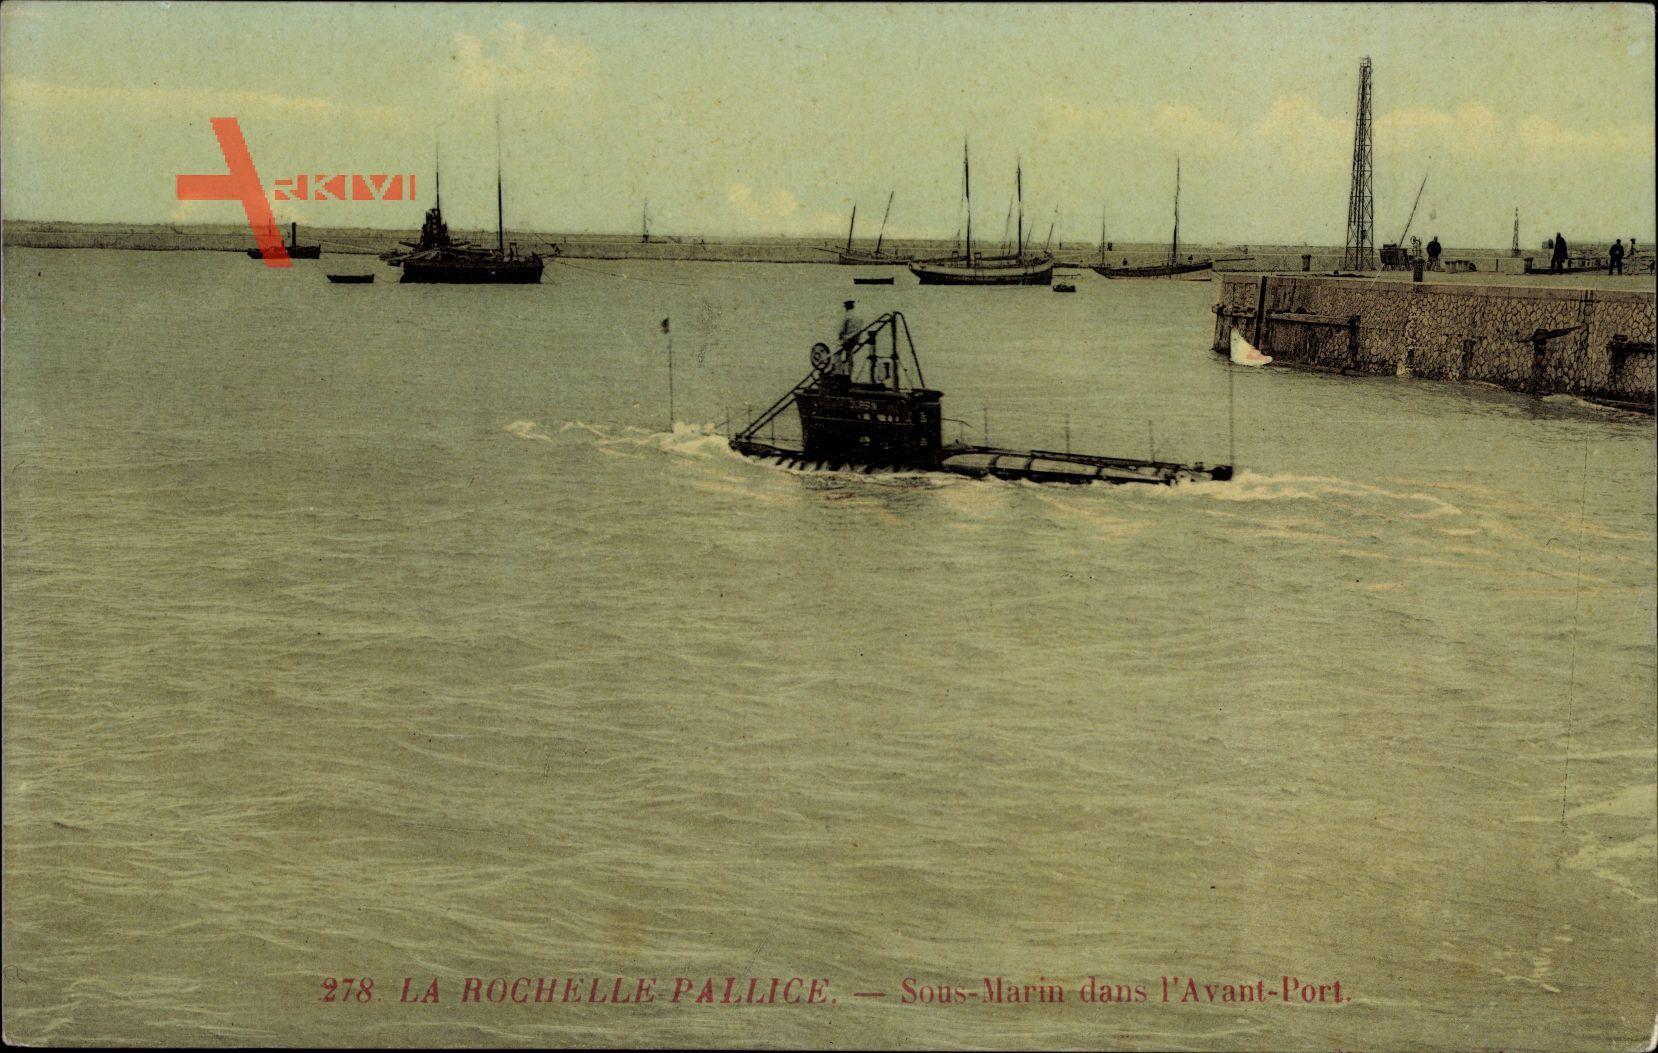 La Rochelle Pallice Charente Maritime, Sous Marin, Avant Port